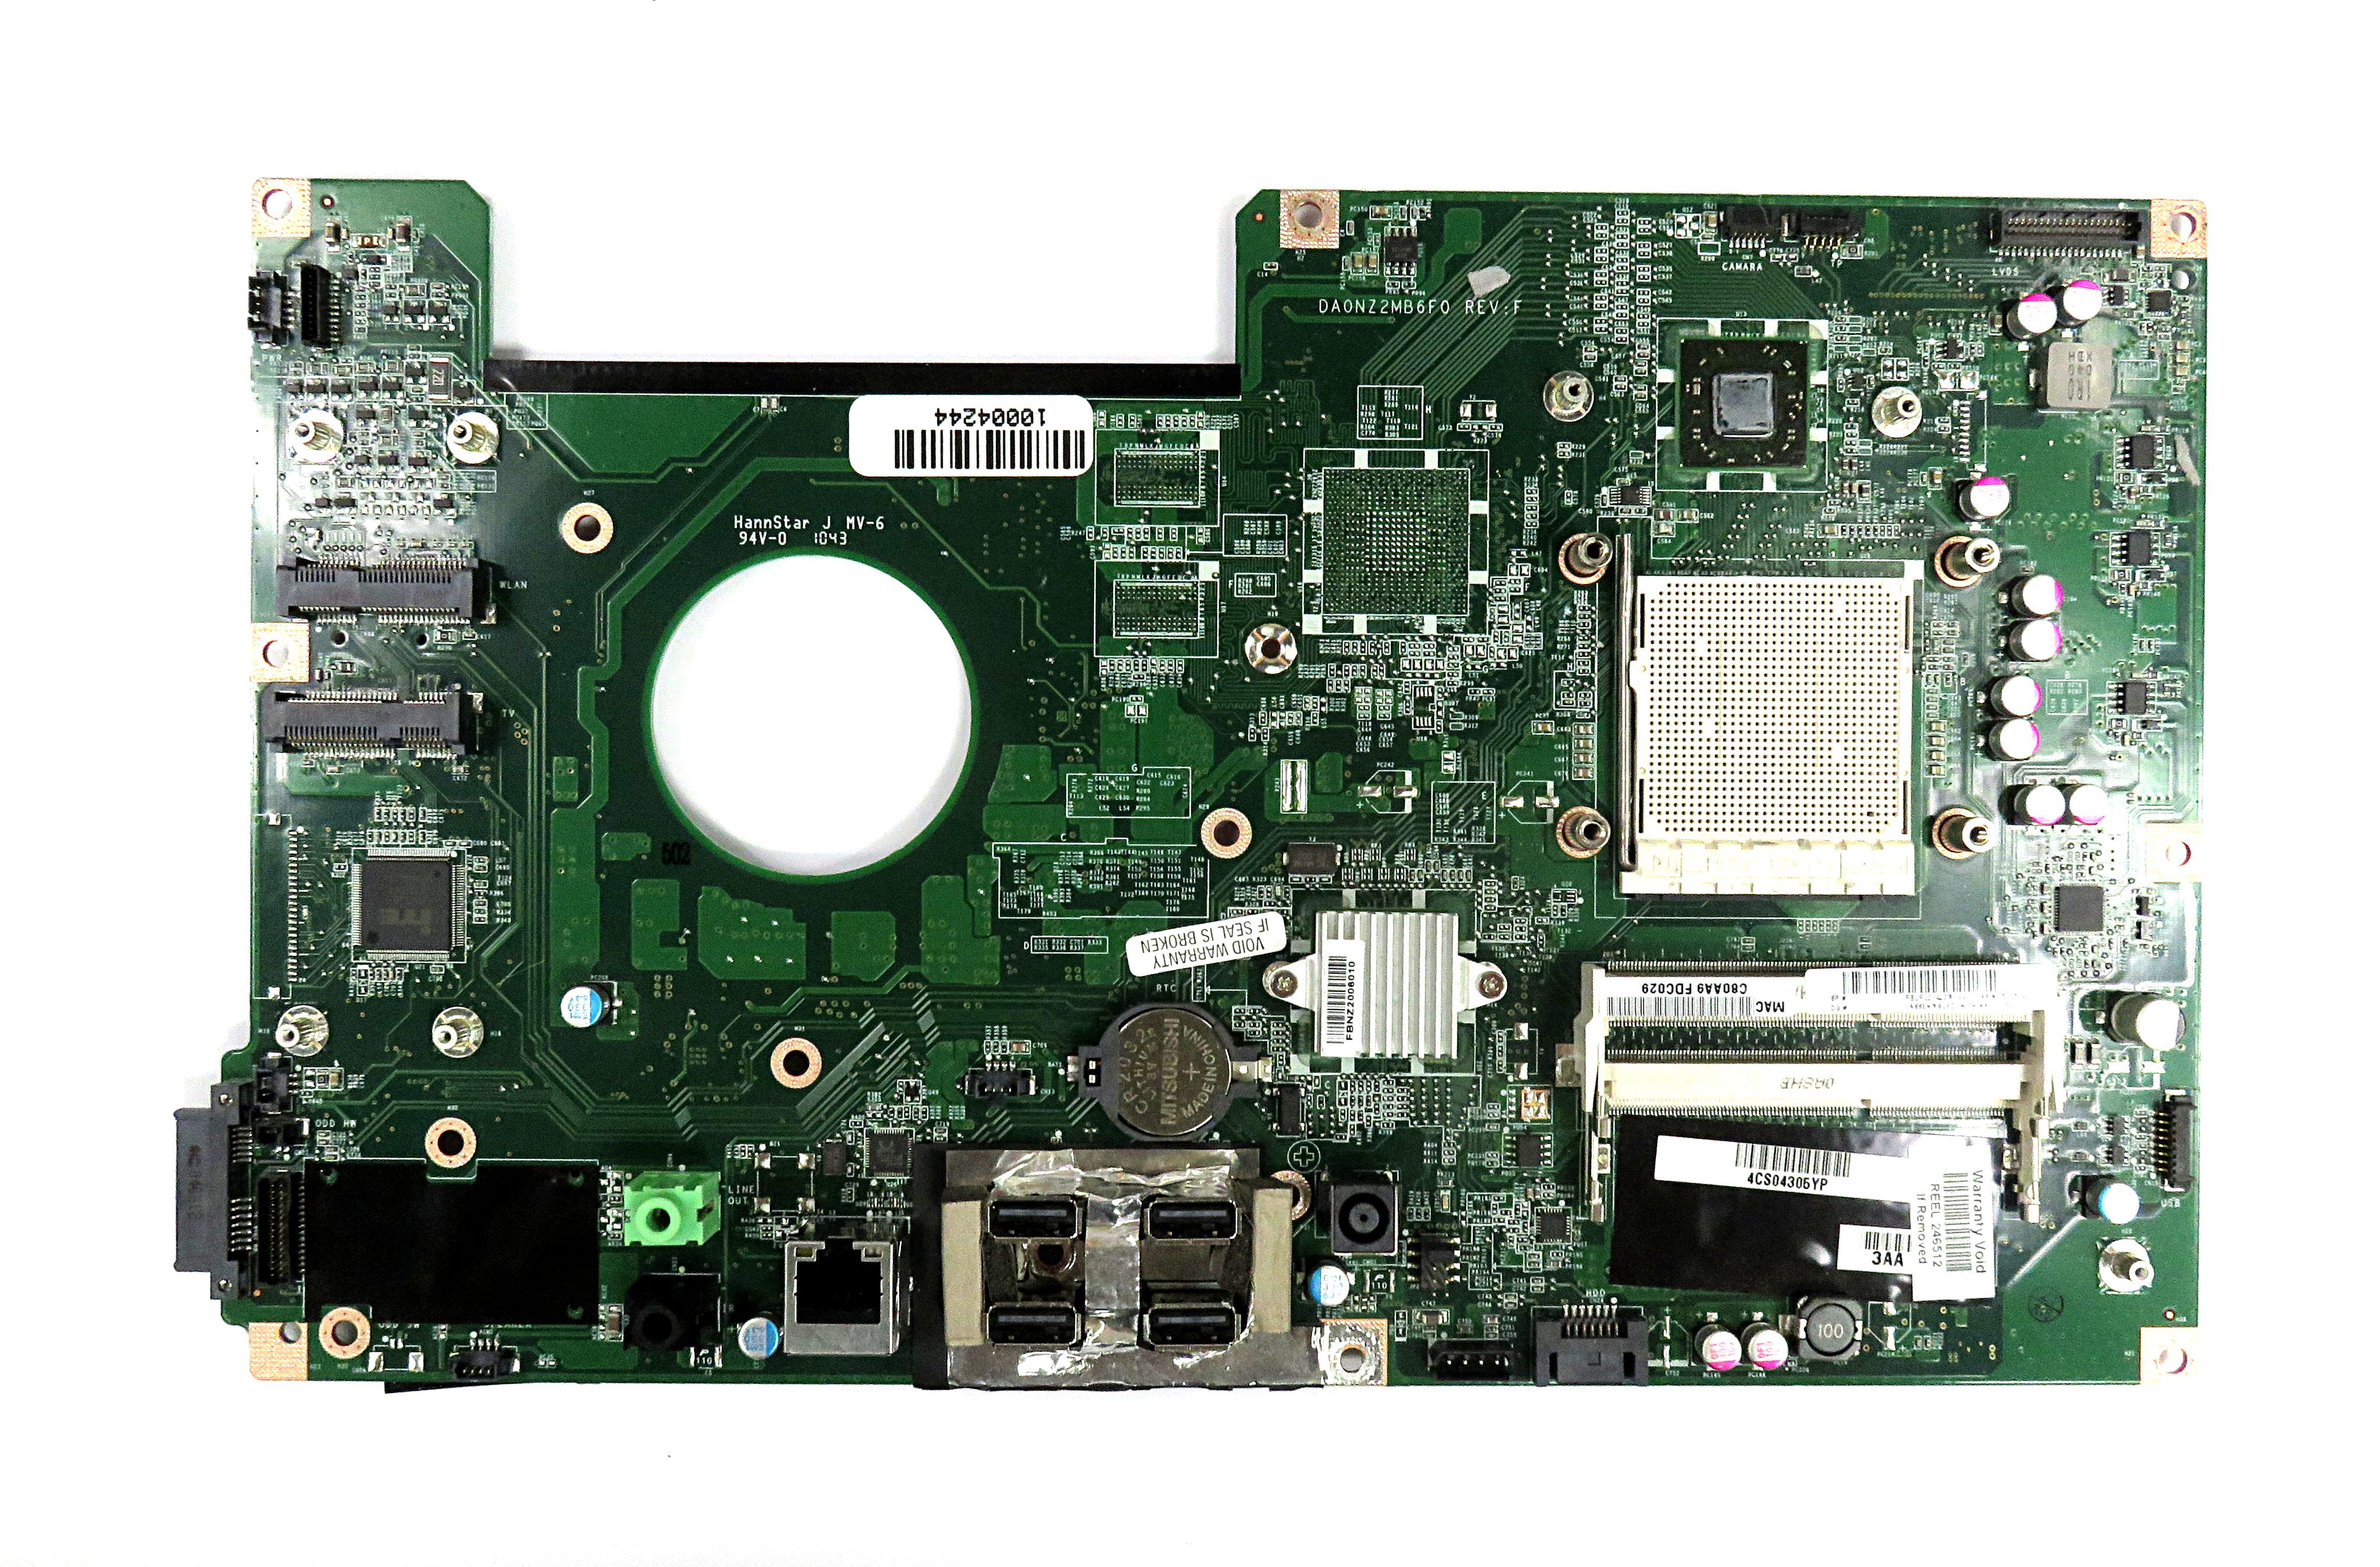 618639-002 DA0NZ2MB6F0 Rev F HP Touchsmart 310 Motherboard